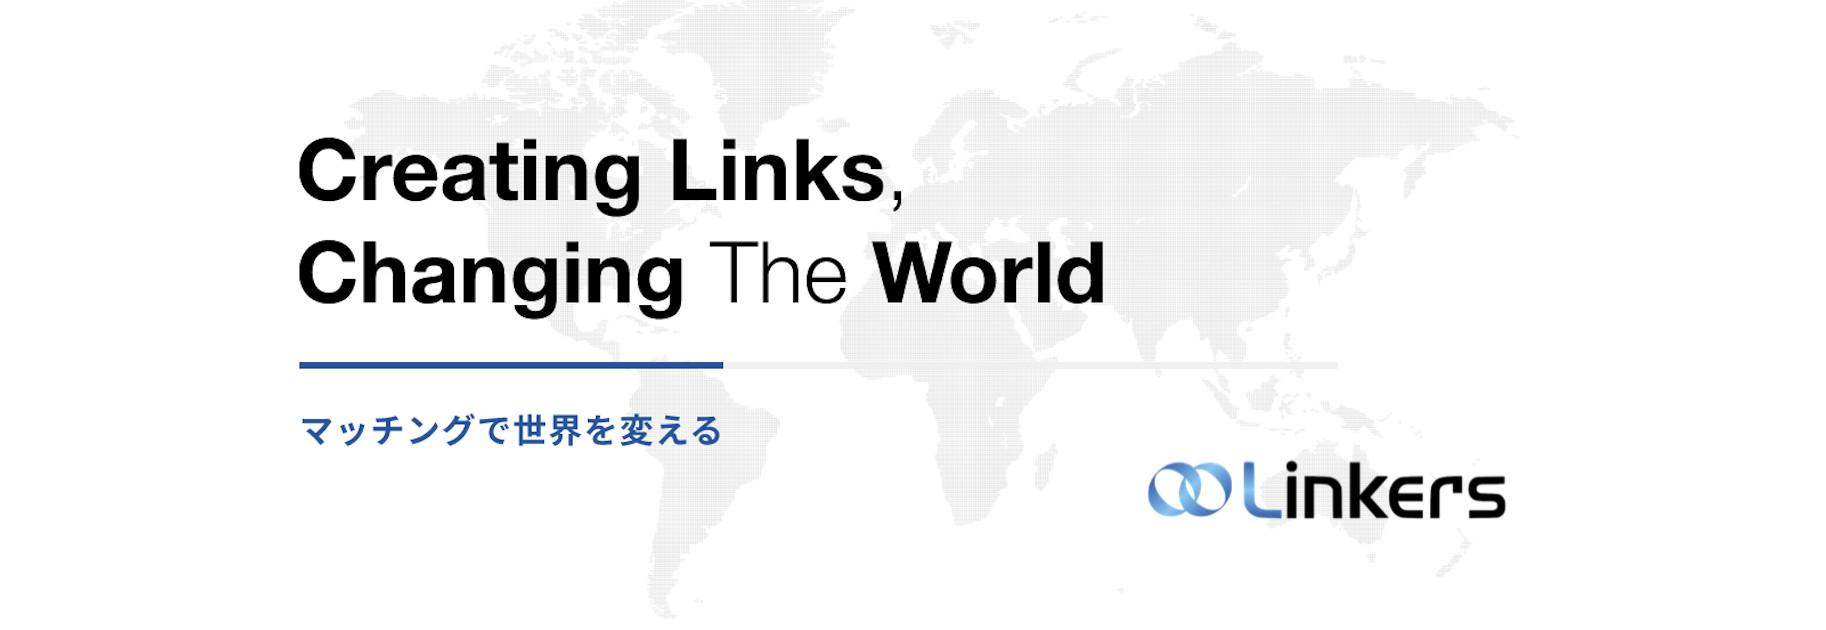 リンカーズ株式会社のイメージ画像